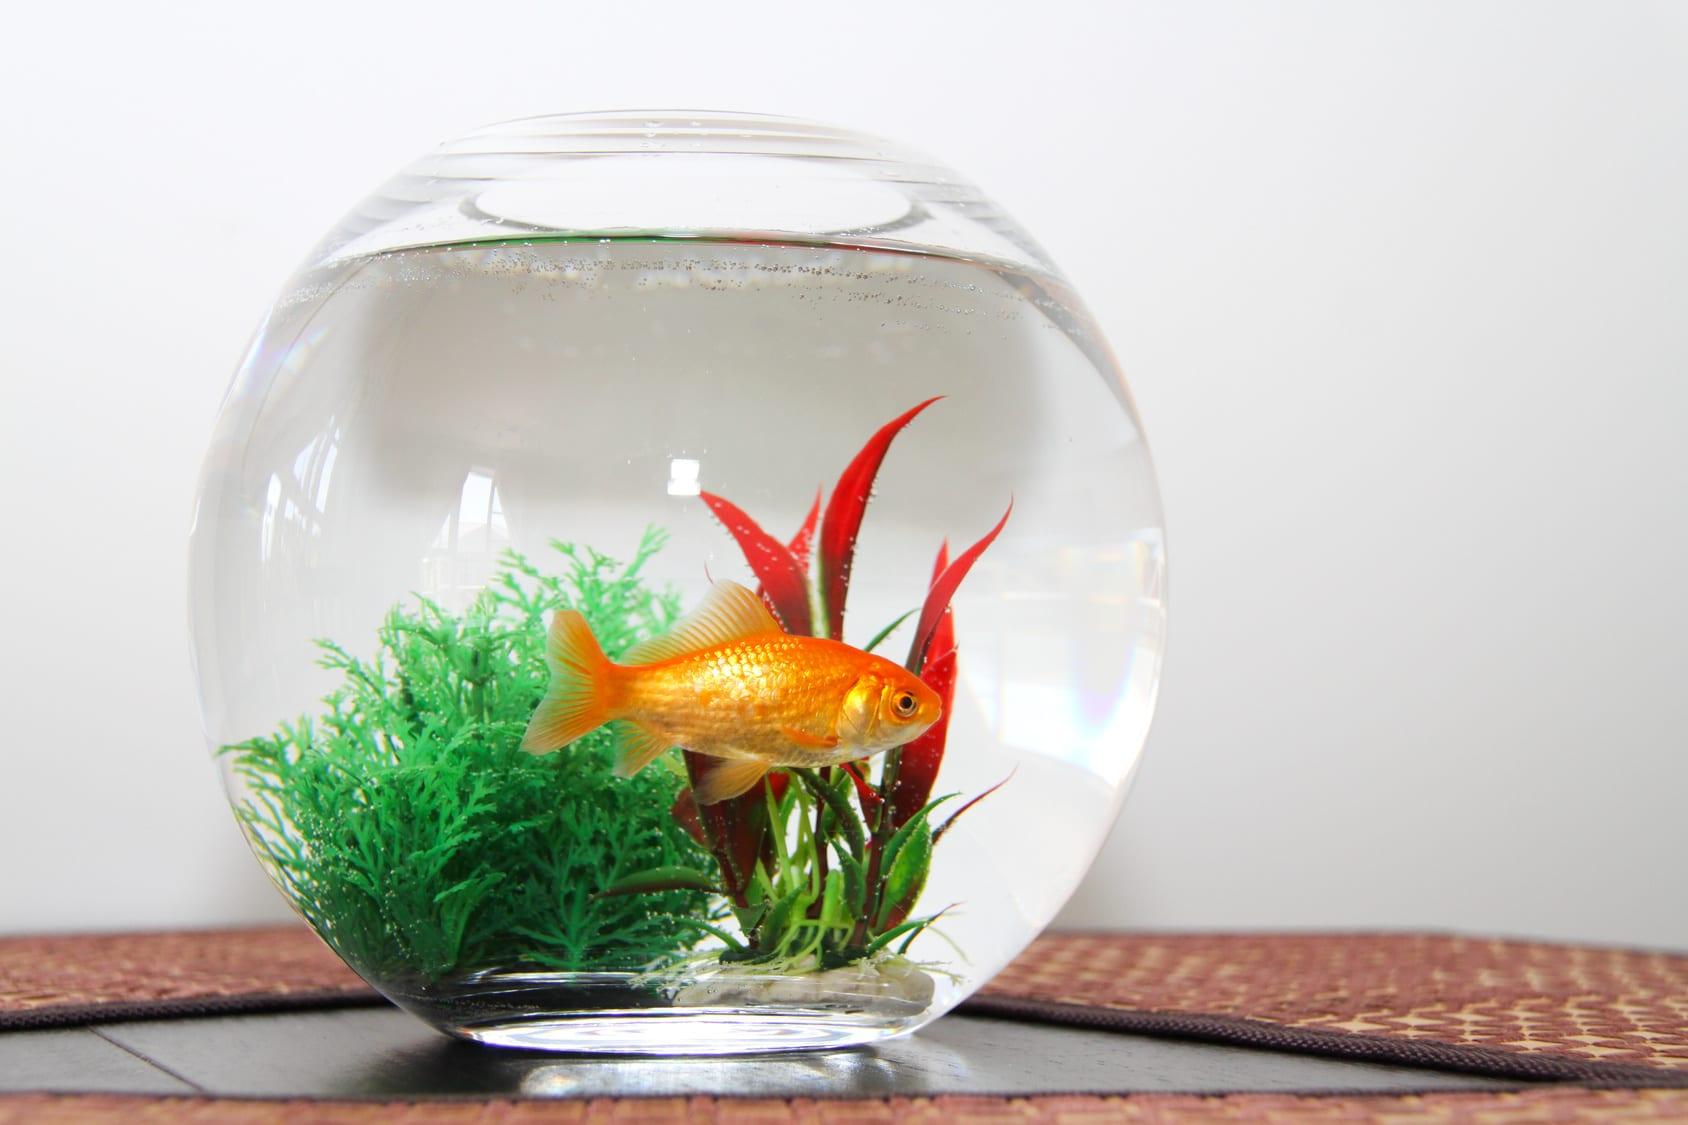 Comment nettoyer un aquarium ? - Les Astucieux